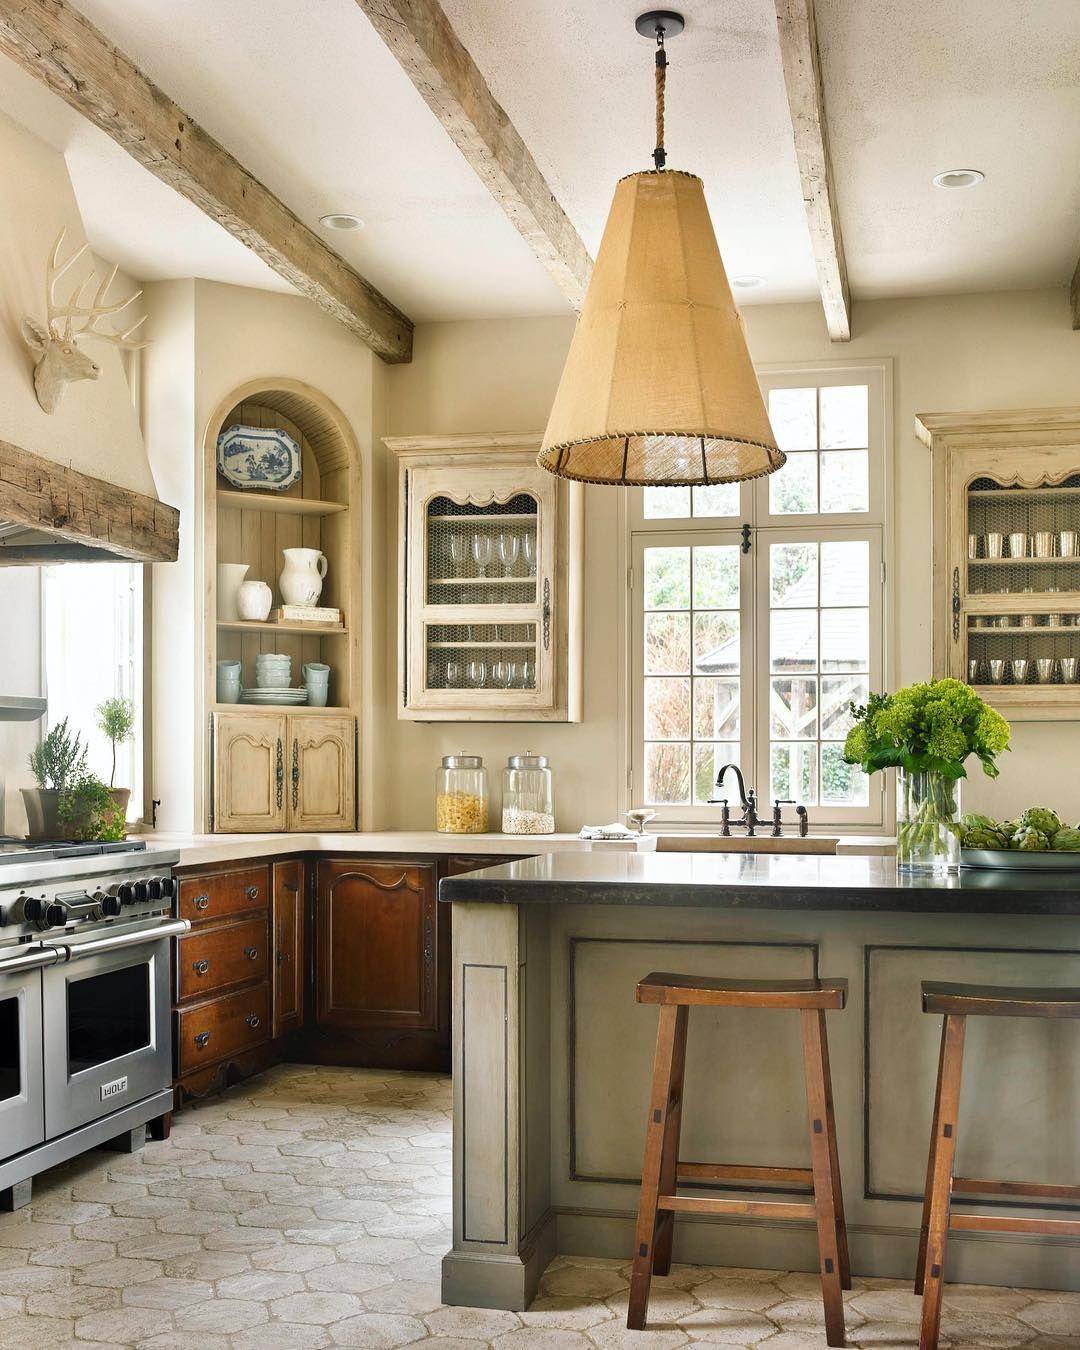 Jane Hollman   Country French kitchen   Decor - Kitchen   Pinterest ...